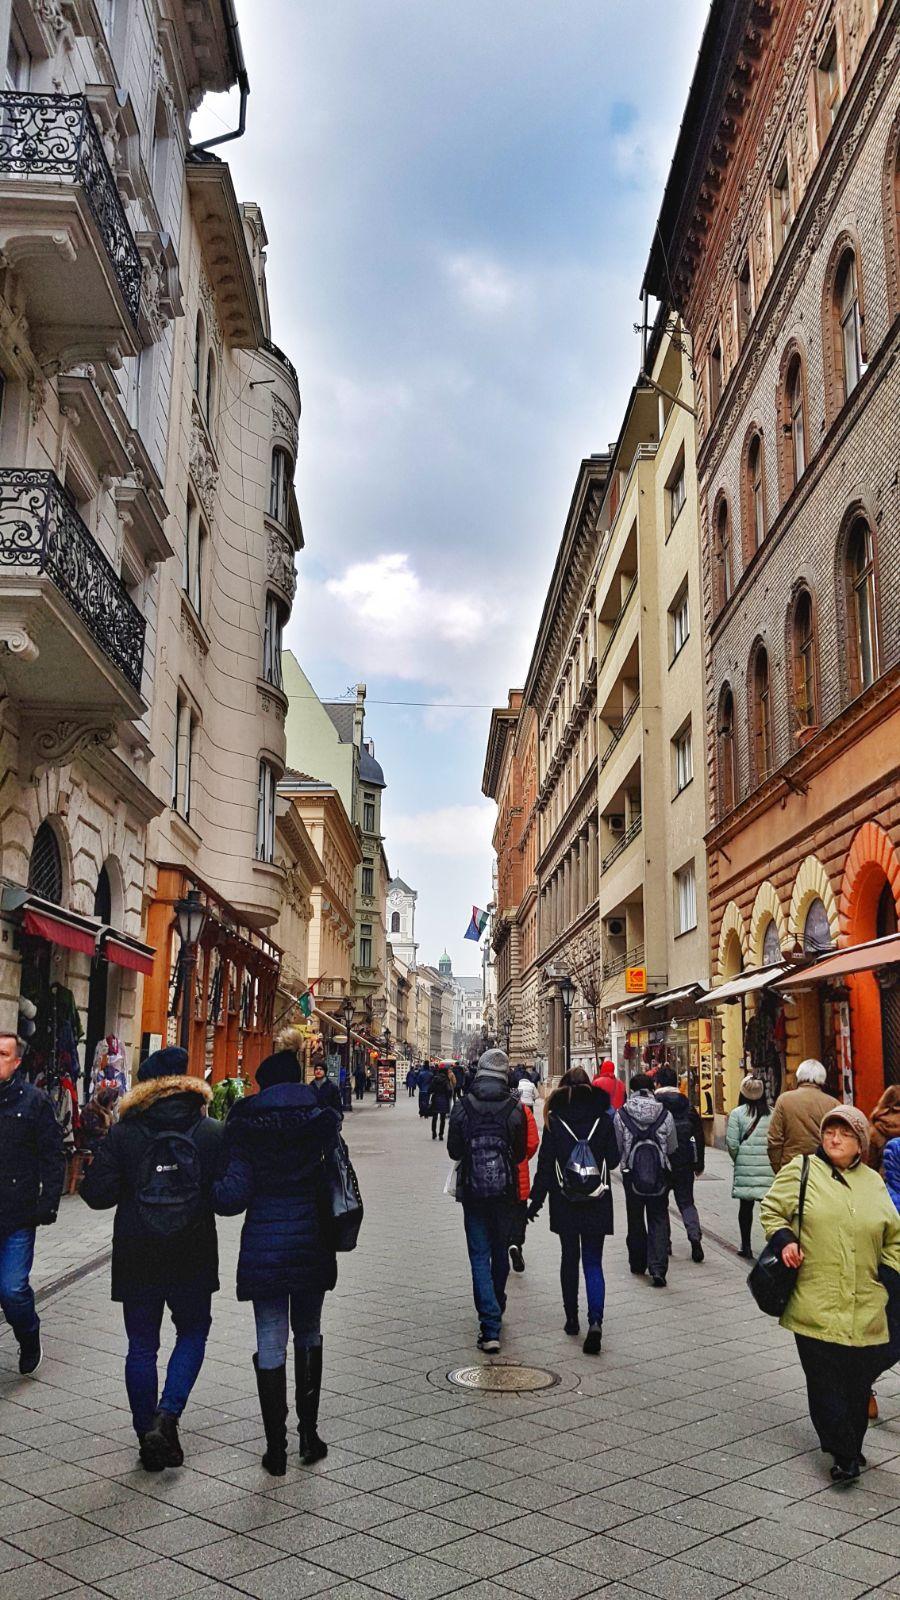 Budapesta_Vaci utca